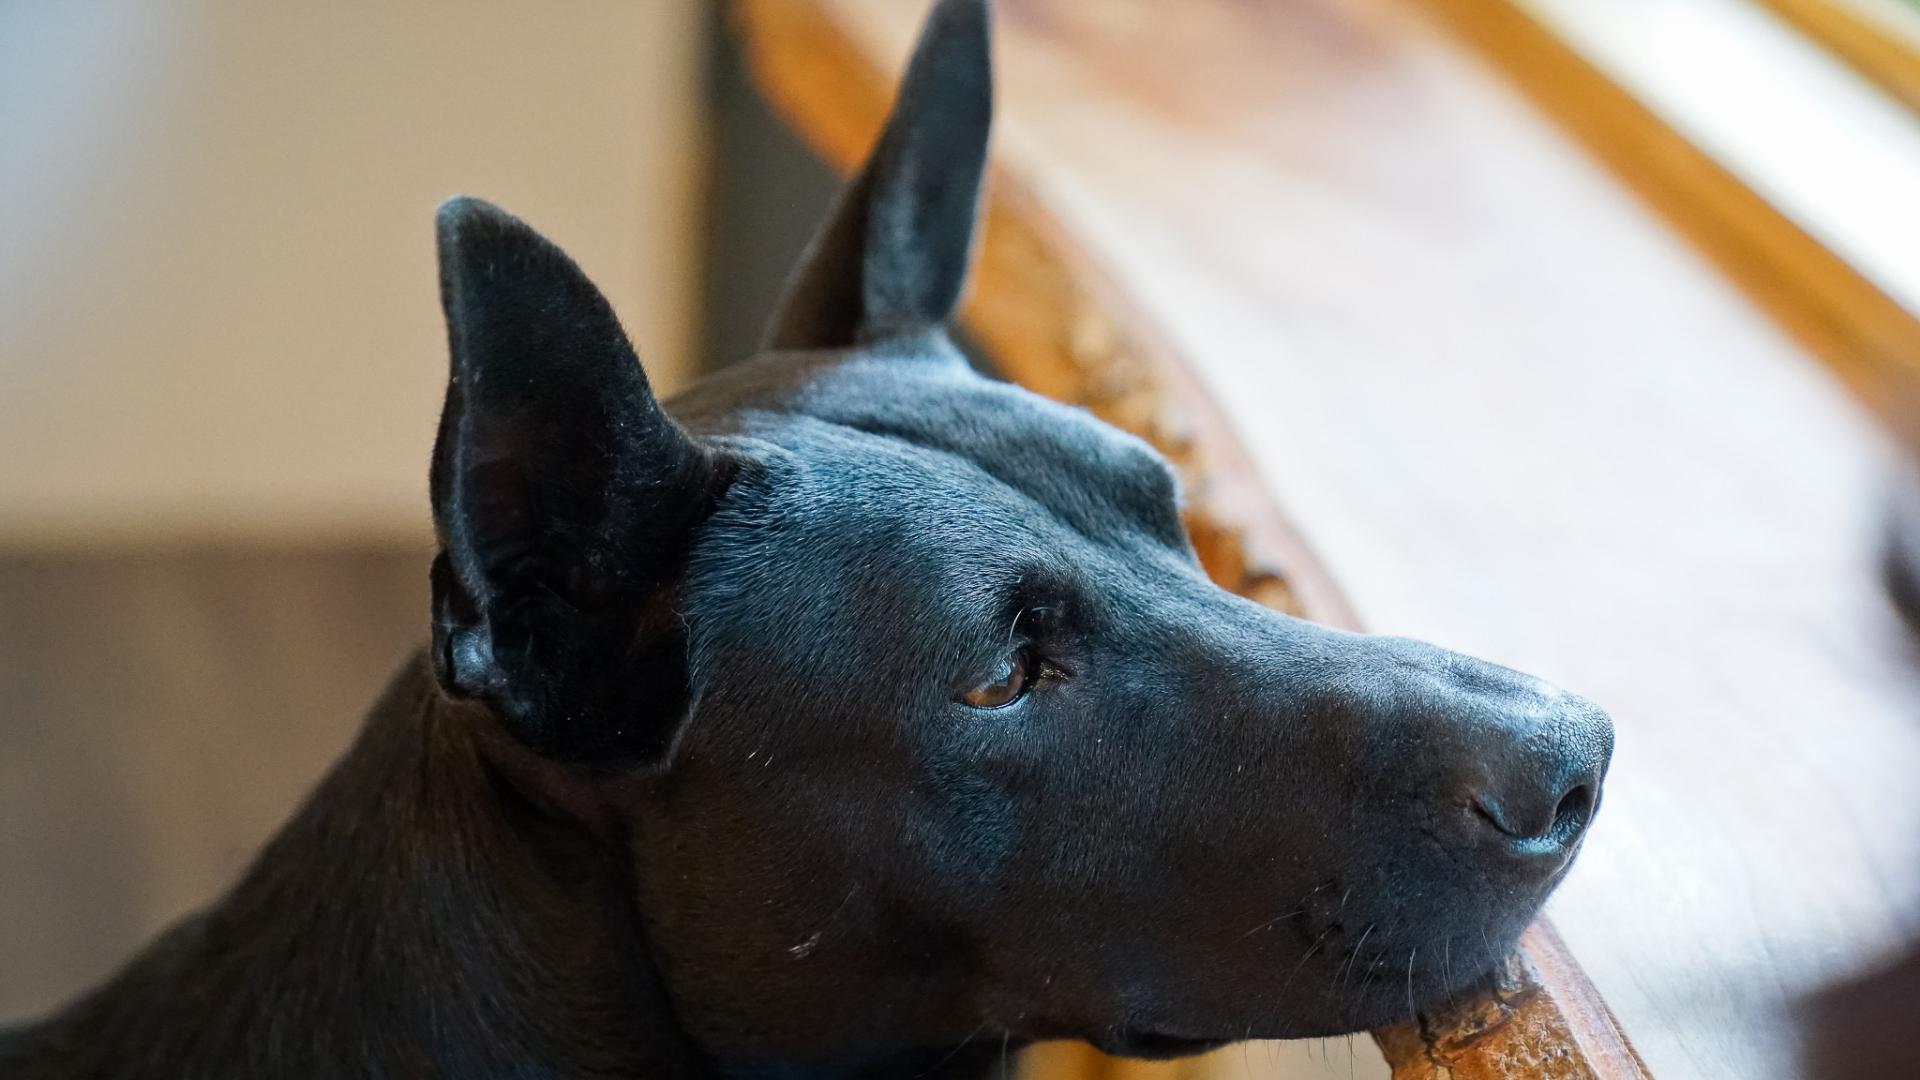 Черная собака смотрит в окно, обои собак hd, 3840 на 2160 пикселей